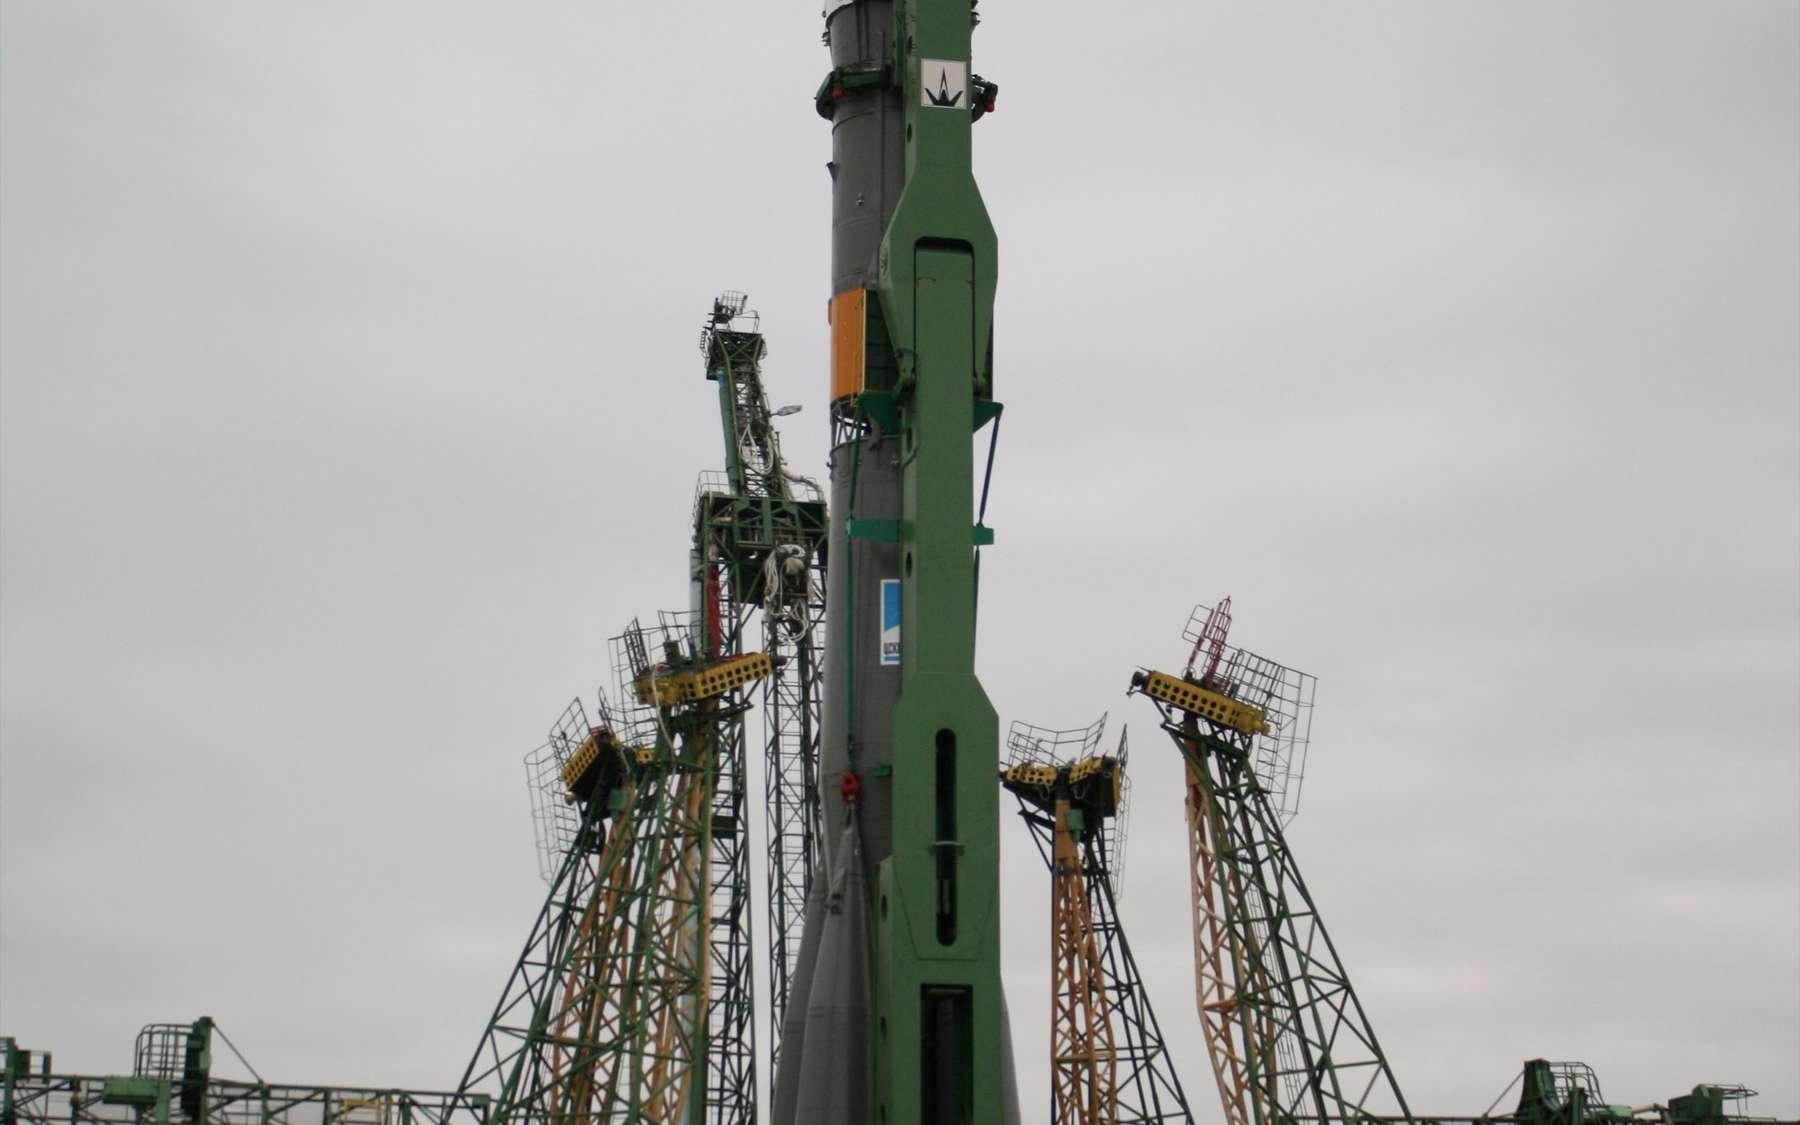 Transféré sur son pas de tir de Baïkonour, deux jours avant son lancement, le lanceur Soyouz a décollé ce dimanche et lancé le cargo Progress en direction de l'ISS. Il atteindra la Station le 2 novembre pour s'y amarrer. © Nasa